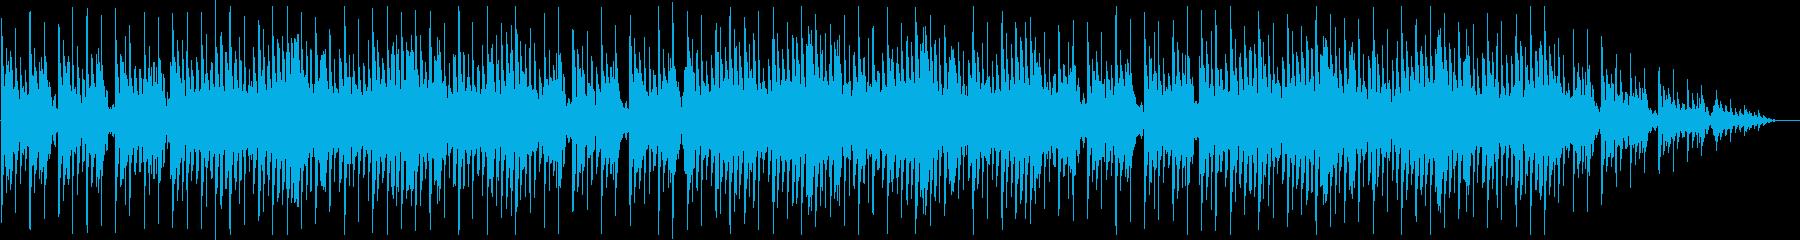 琴を使った和風ゲームのタイトル画面曲の再生済みの波形